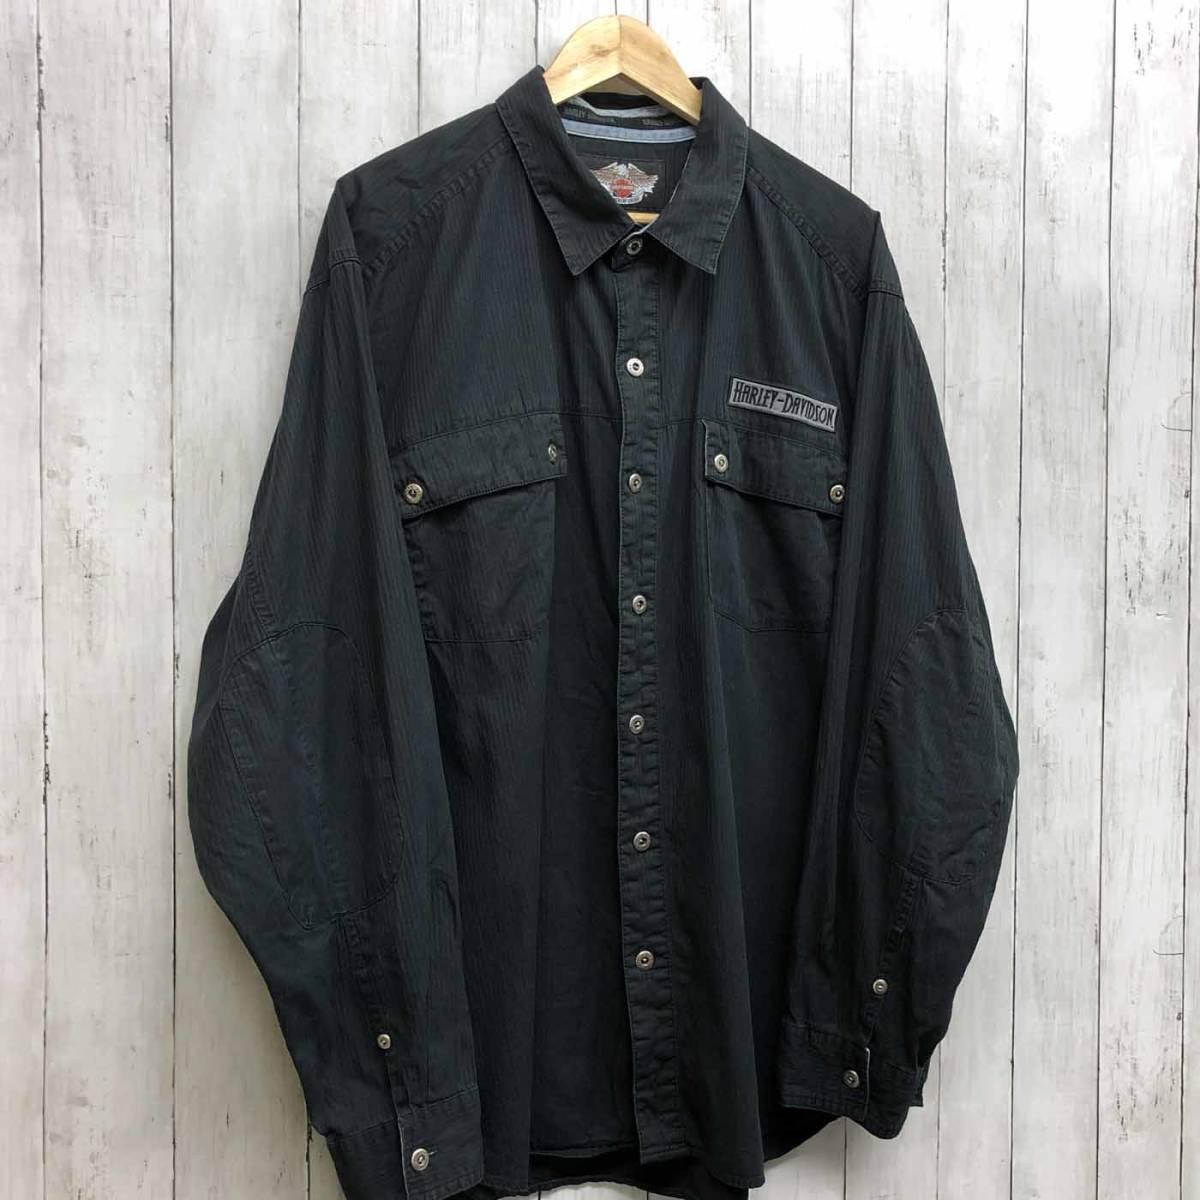 ハーレーダビッドソン Harley Davidson 古着 長袖シャツ ワーカーシャツ メンズ 2XLサイズ 9-76_画像3